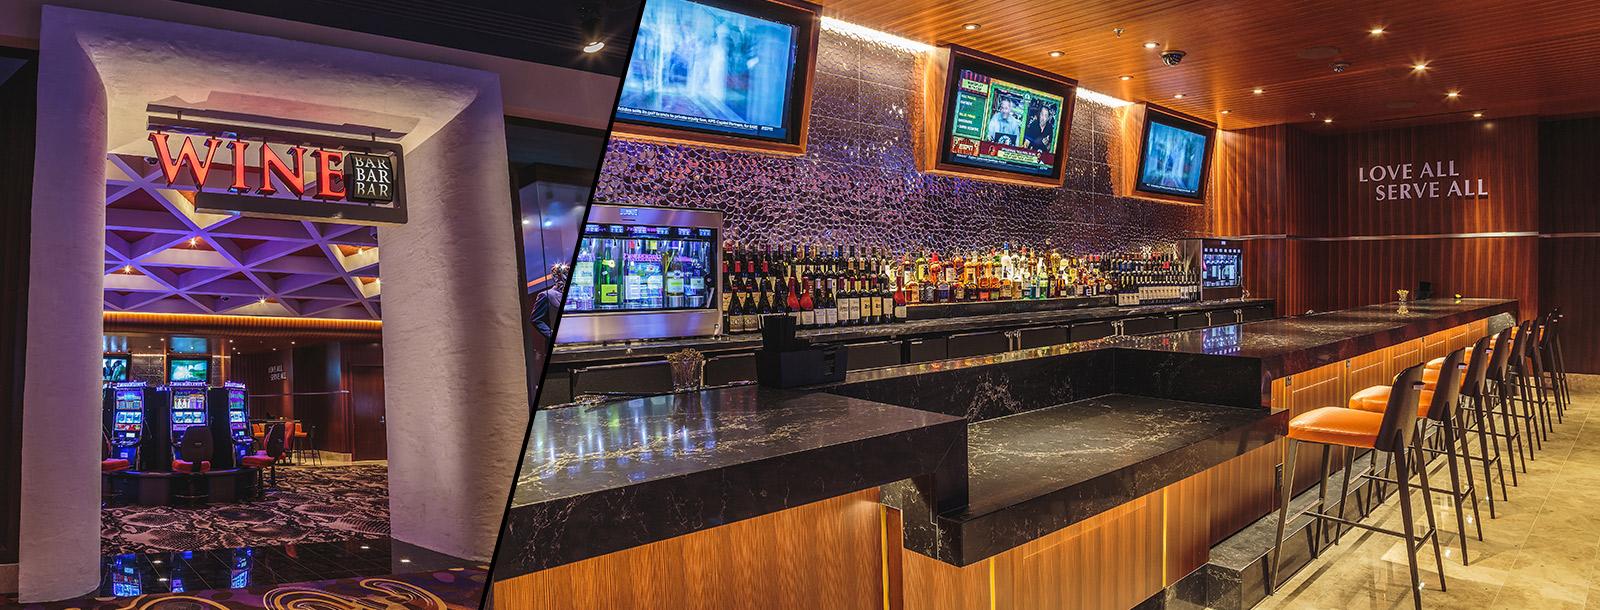 sioux city wine bar